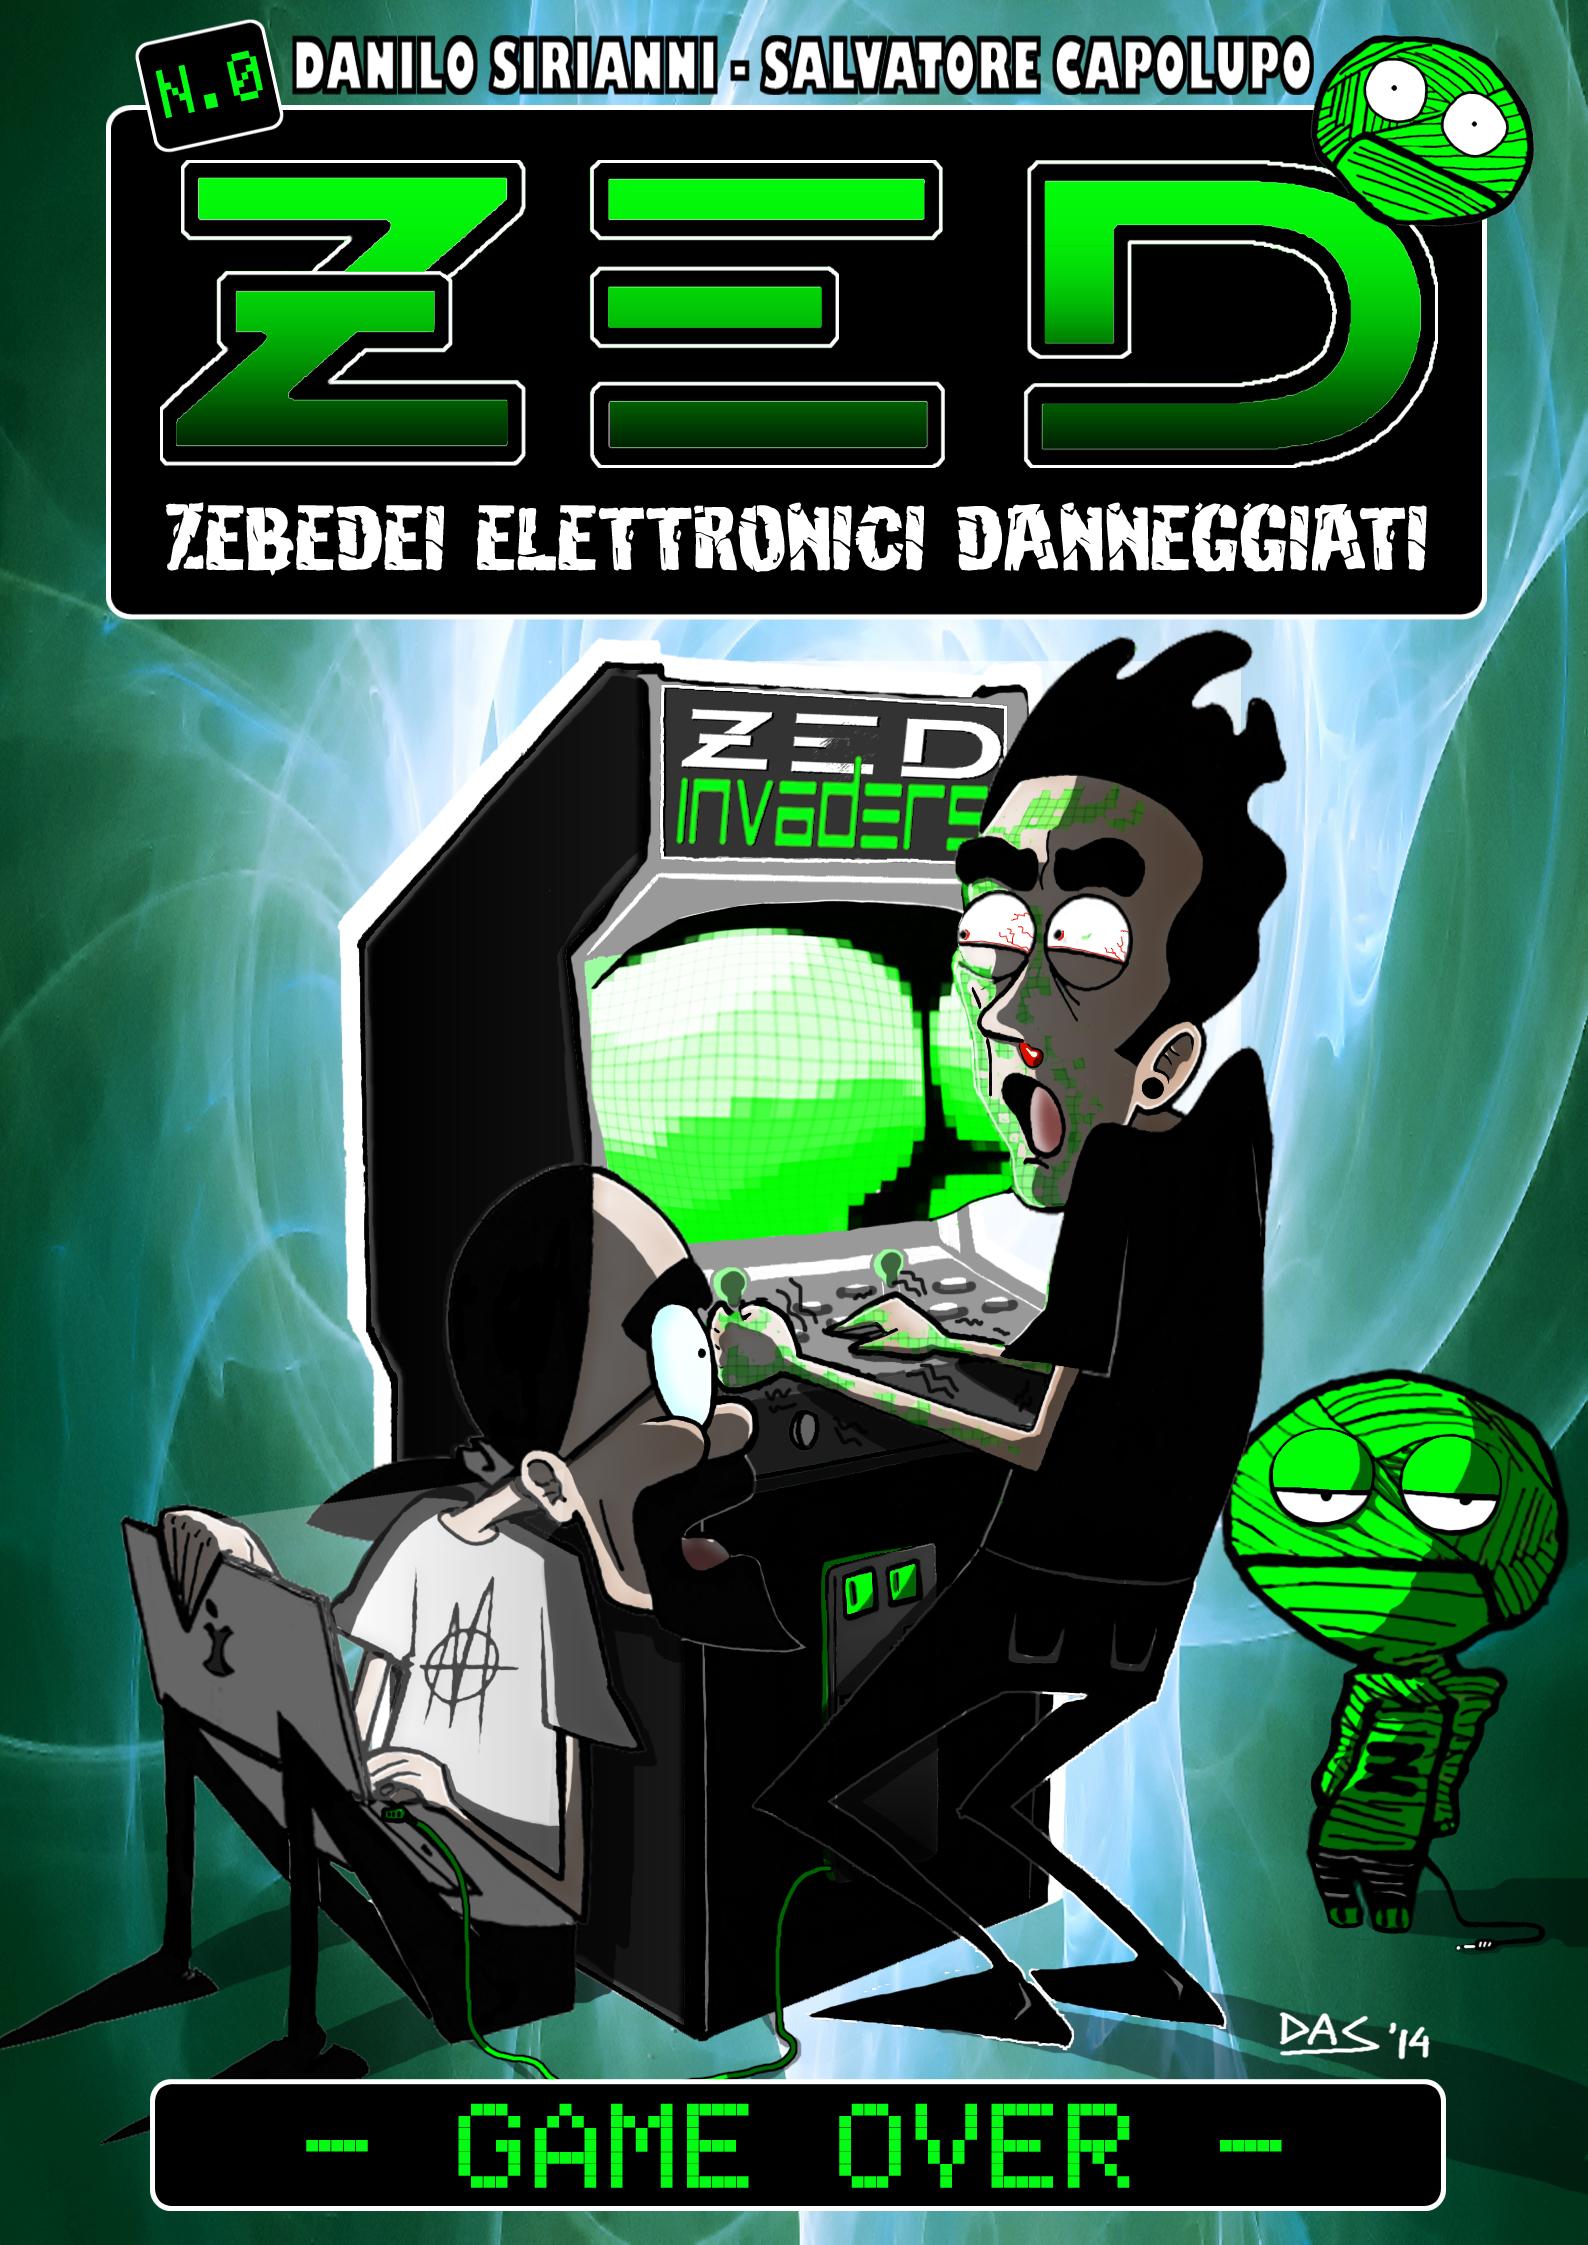 pubblicata-la-puntata-zero-di-zed-zebedei-elettronici-danneggiati-02